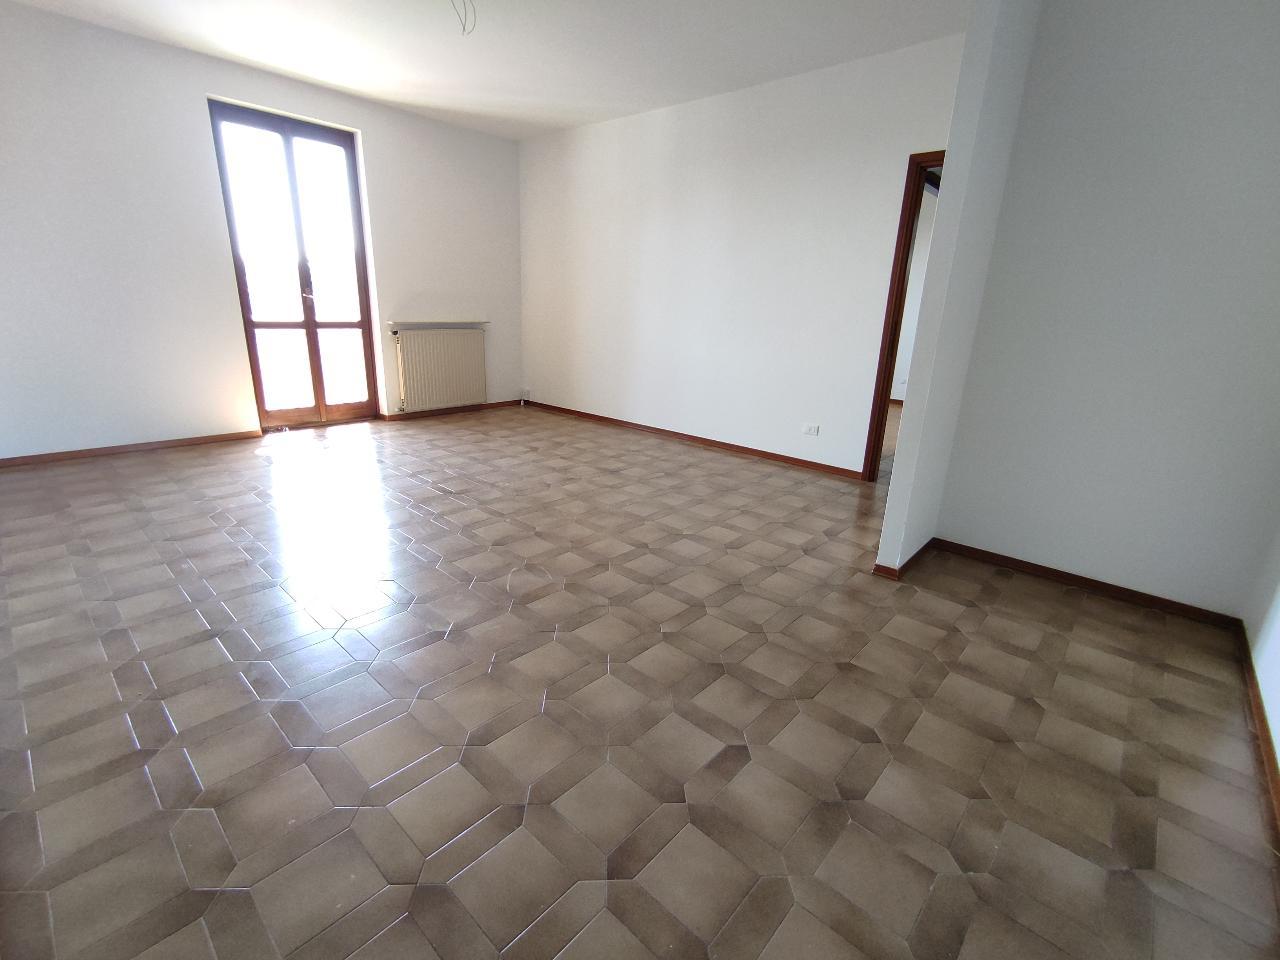 Appartamento CREMONA €90.000,00